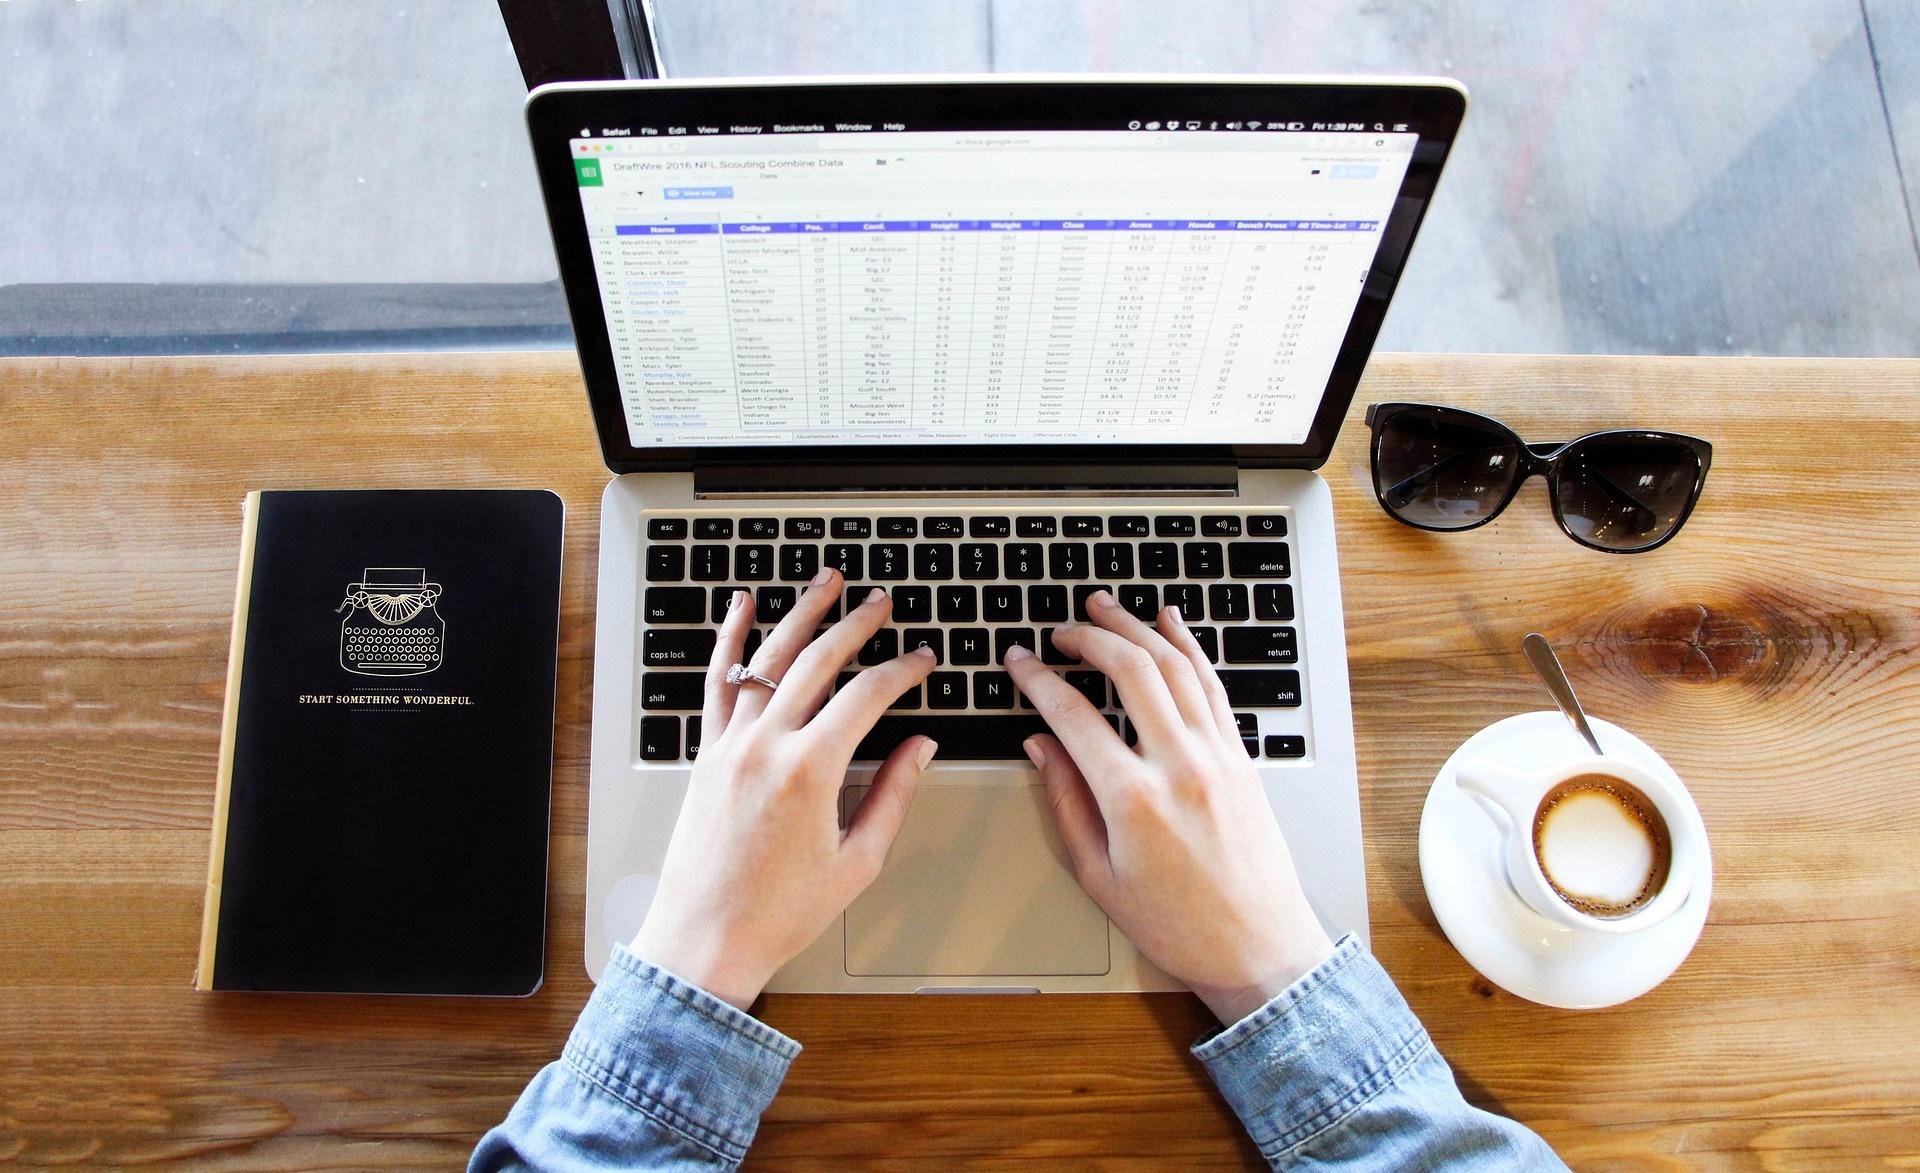 Arbeta mer strukturat med HR-data Källa: Pixabay